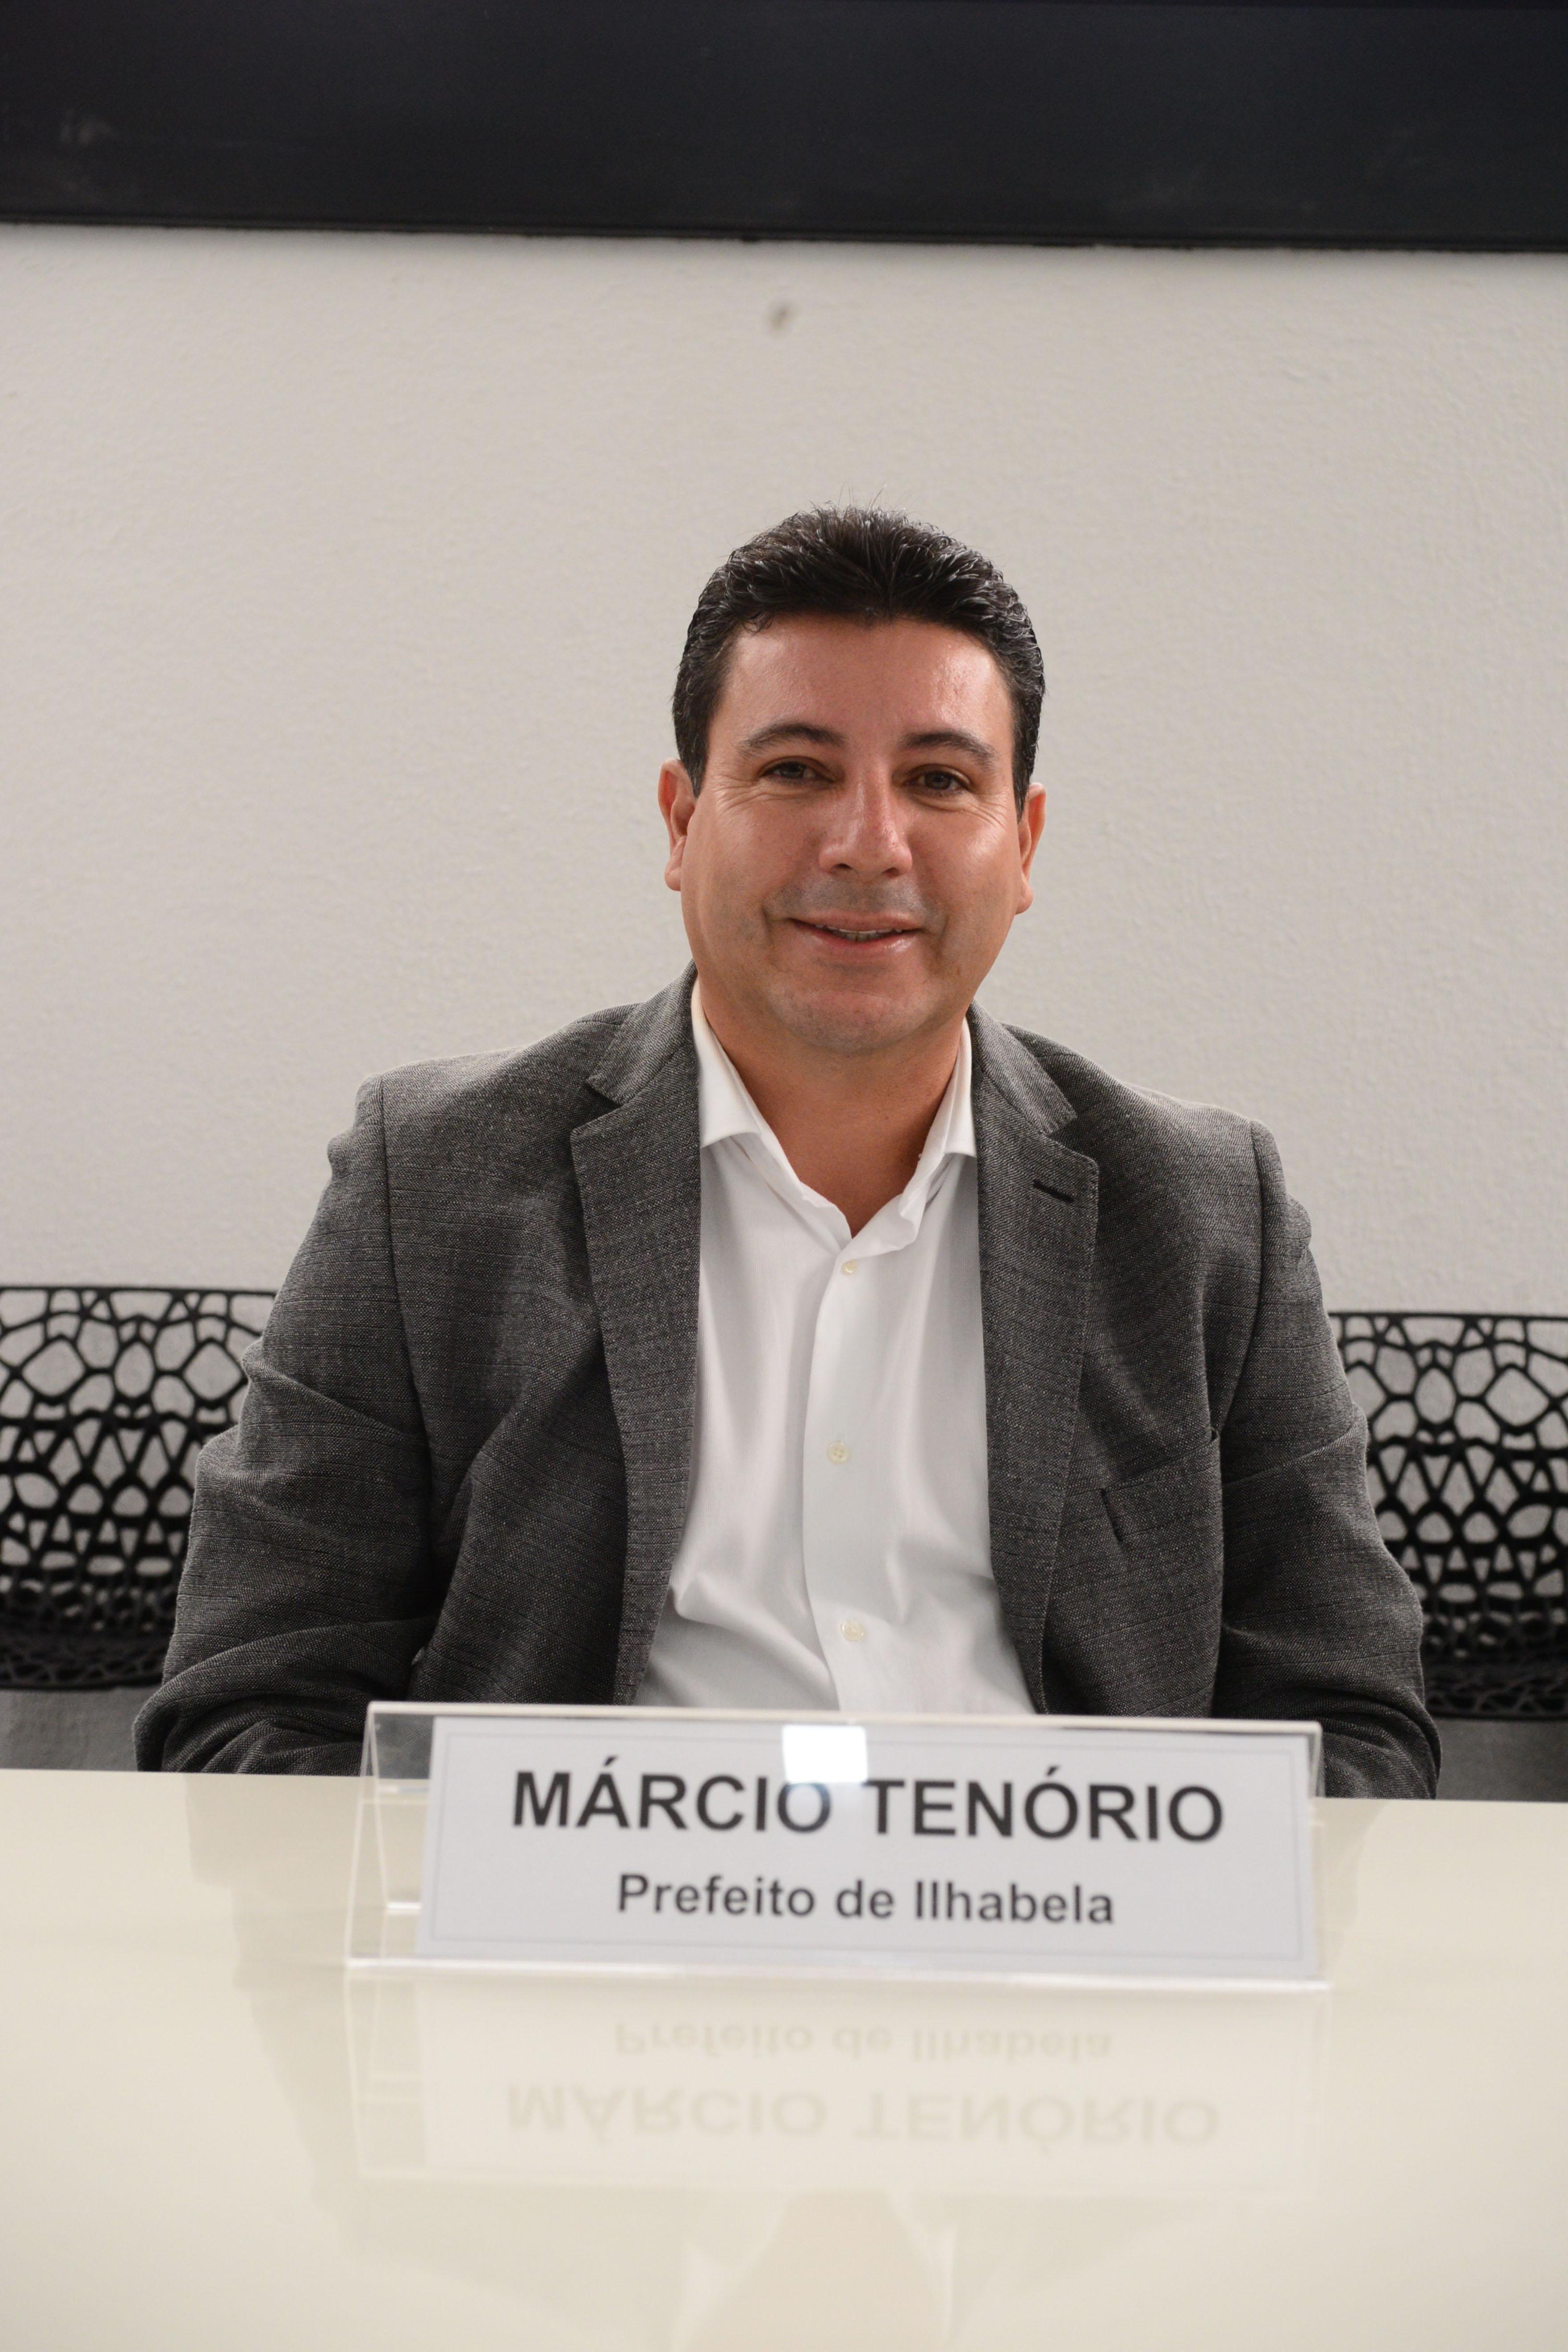 Márcio Tenório, prefeito de Ilhabela, destaca necessidade de investimentos para estações de tratamento de água <a style='float:right' href='https://www3.al.sp.gov.br/repositorio/noticia/N-03-2017/fg200080.jpg' target=_blank><img src='/_img/material-file-download-white.png' width='14px' alt='Clique para baixar a imagem'></a>